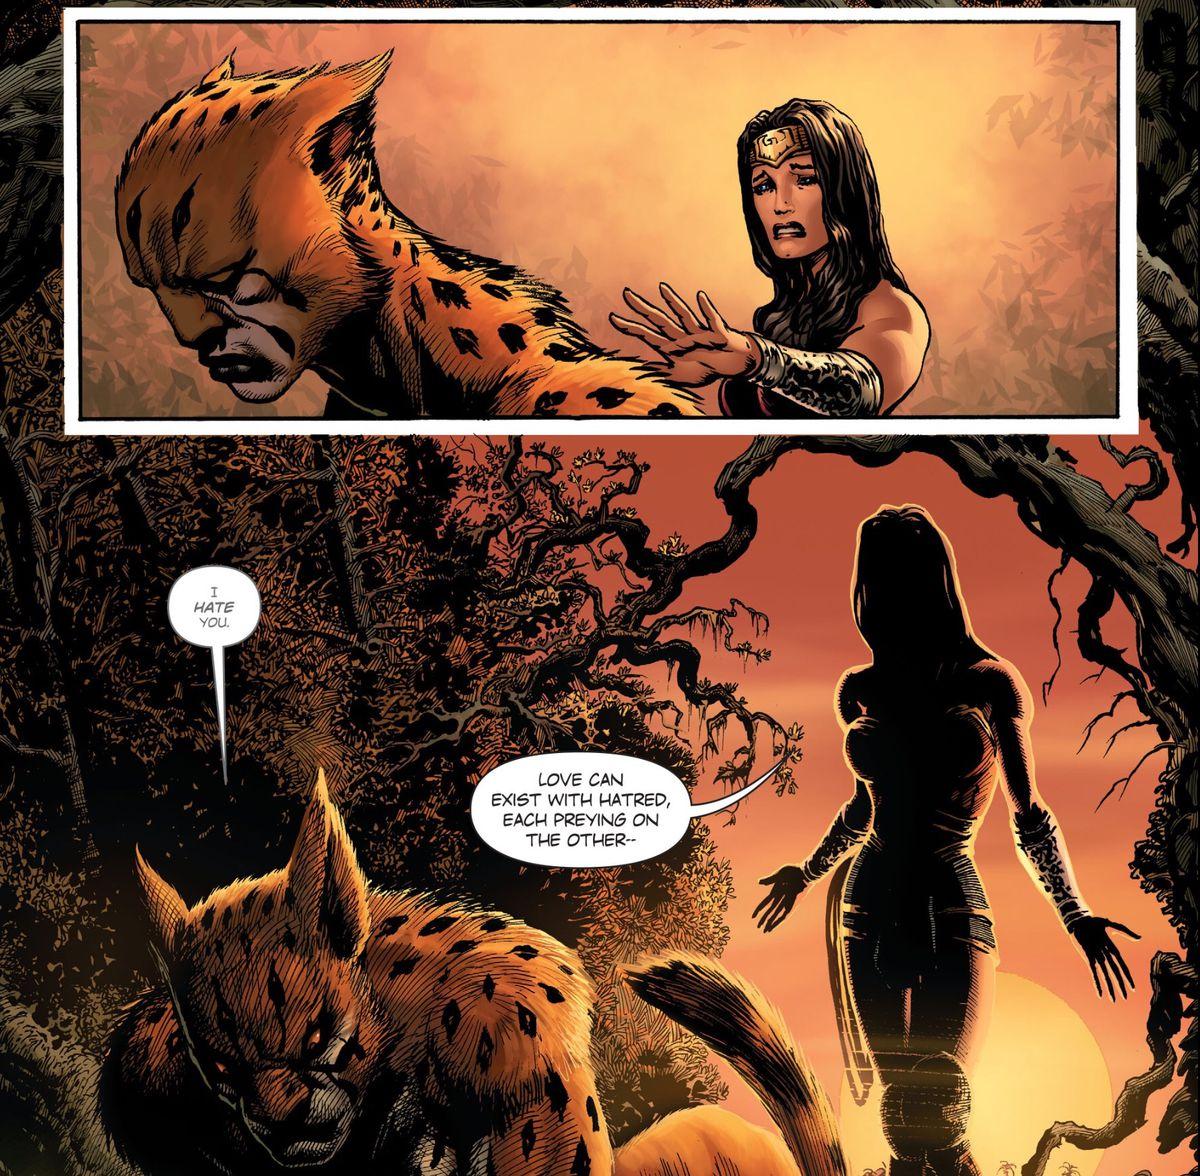 神奇女侠1984的恶棍是猎豹,这是第一眼